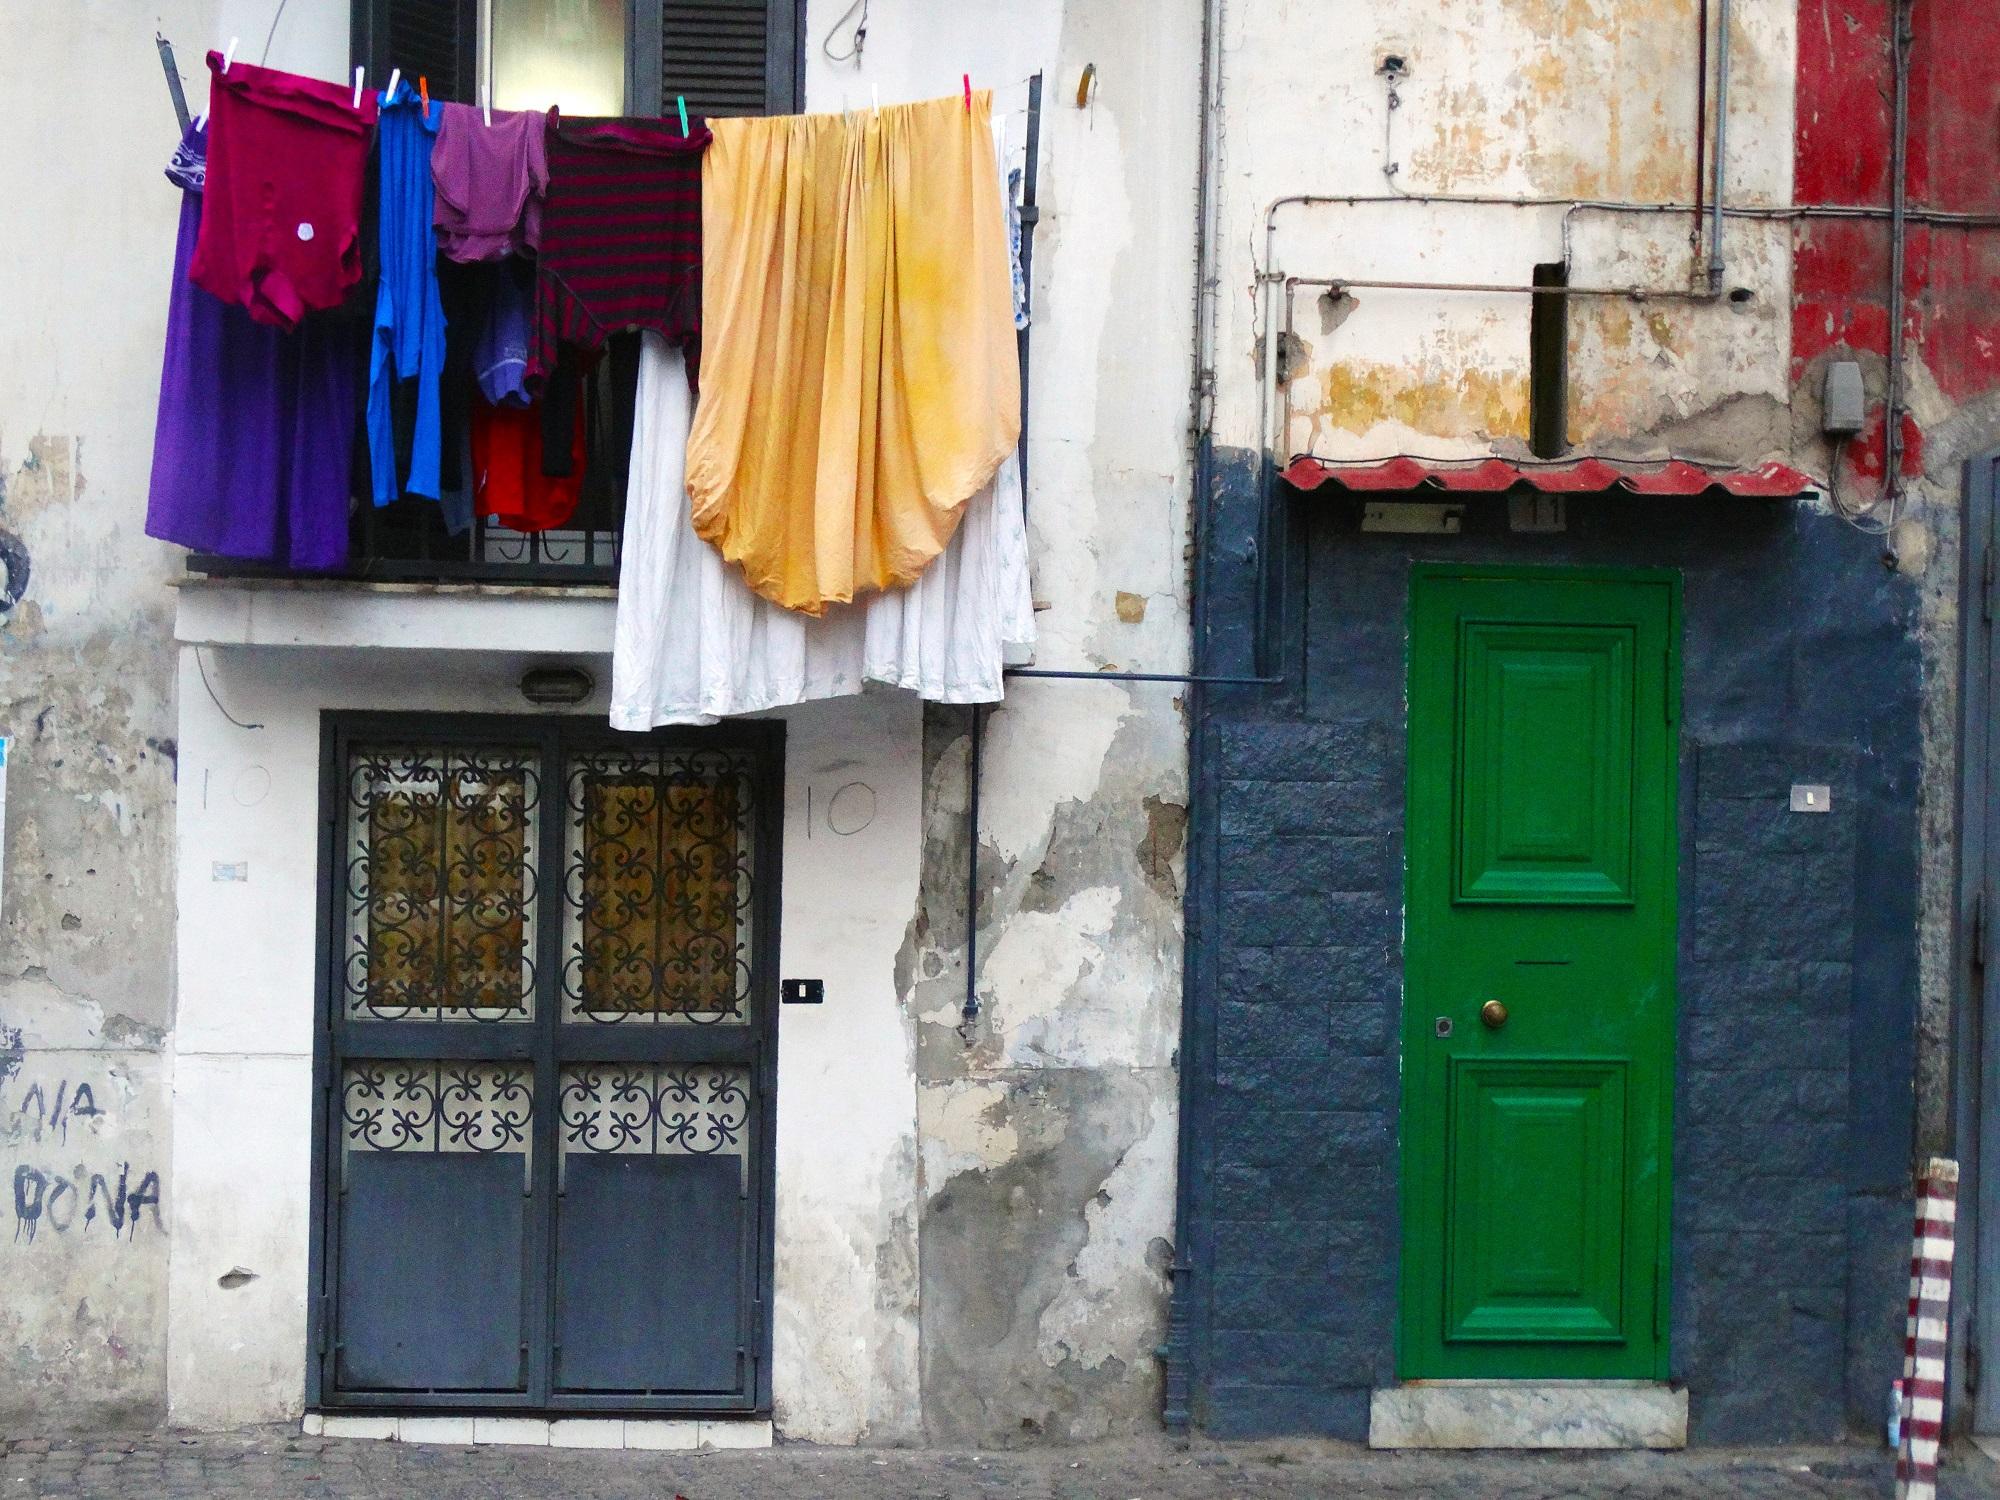 Strazi Napoli Vacanta